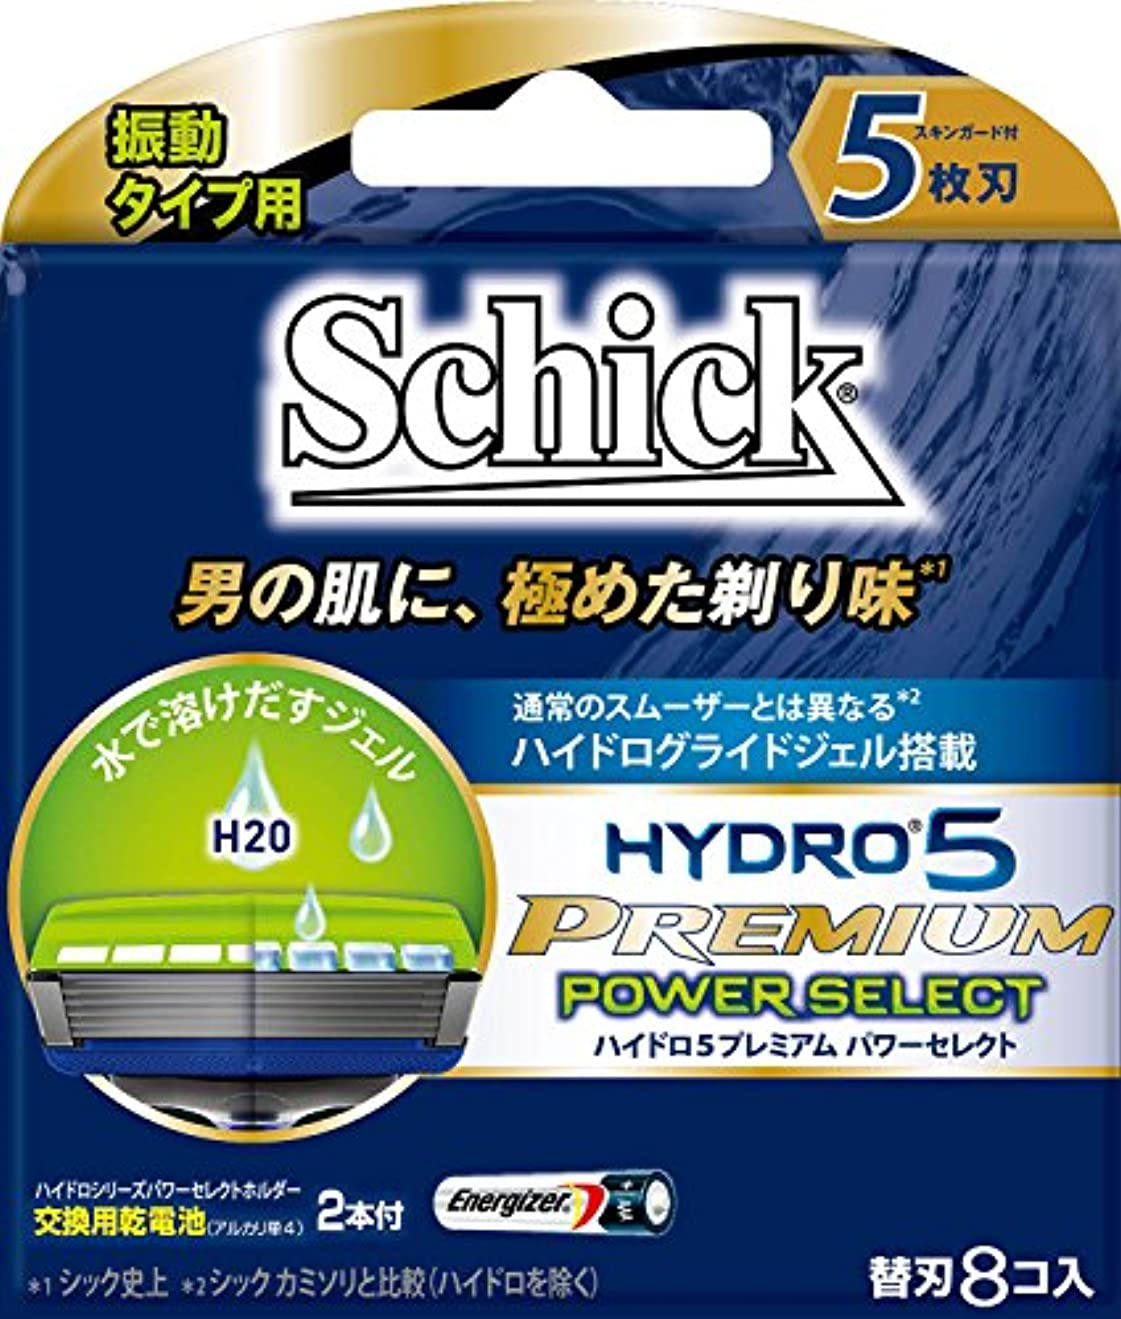 増幅器侵略シングルシック Schick 5枚刃 ハイドロ5 プレミアム 替刃 8コ入 アルカリAAA単4乾電池2本付 男性カミソリ